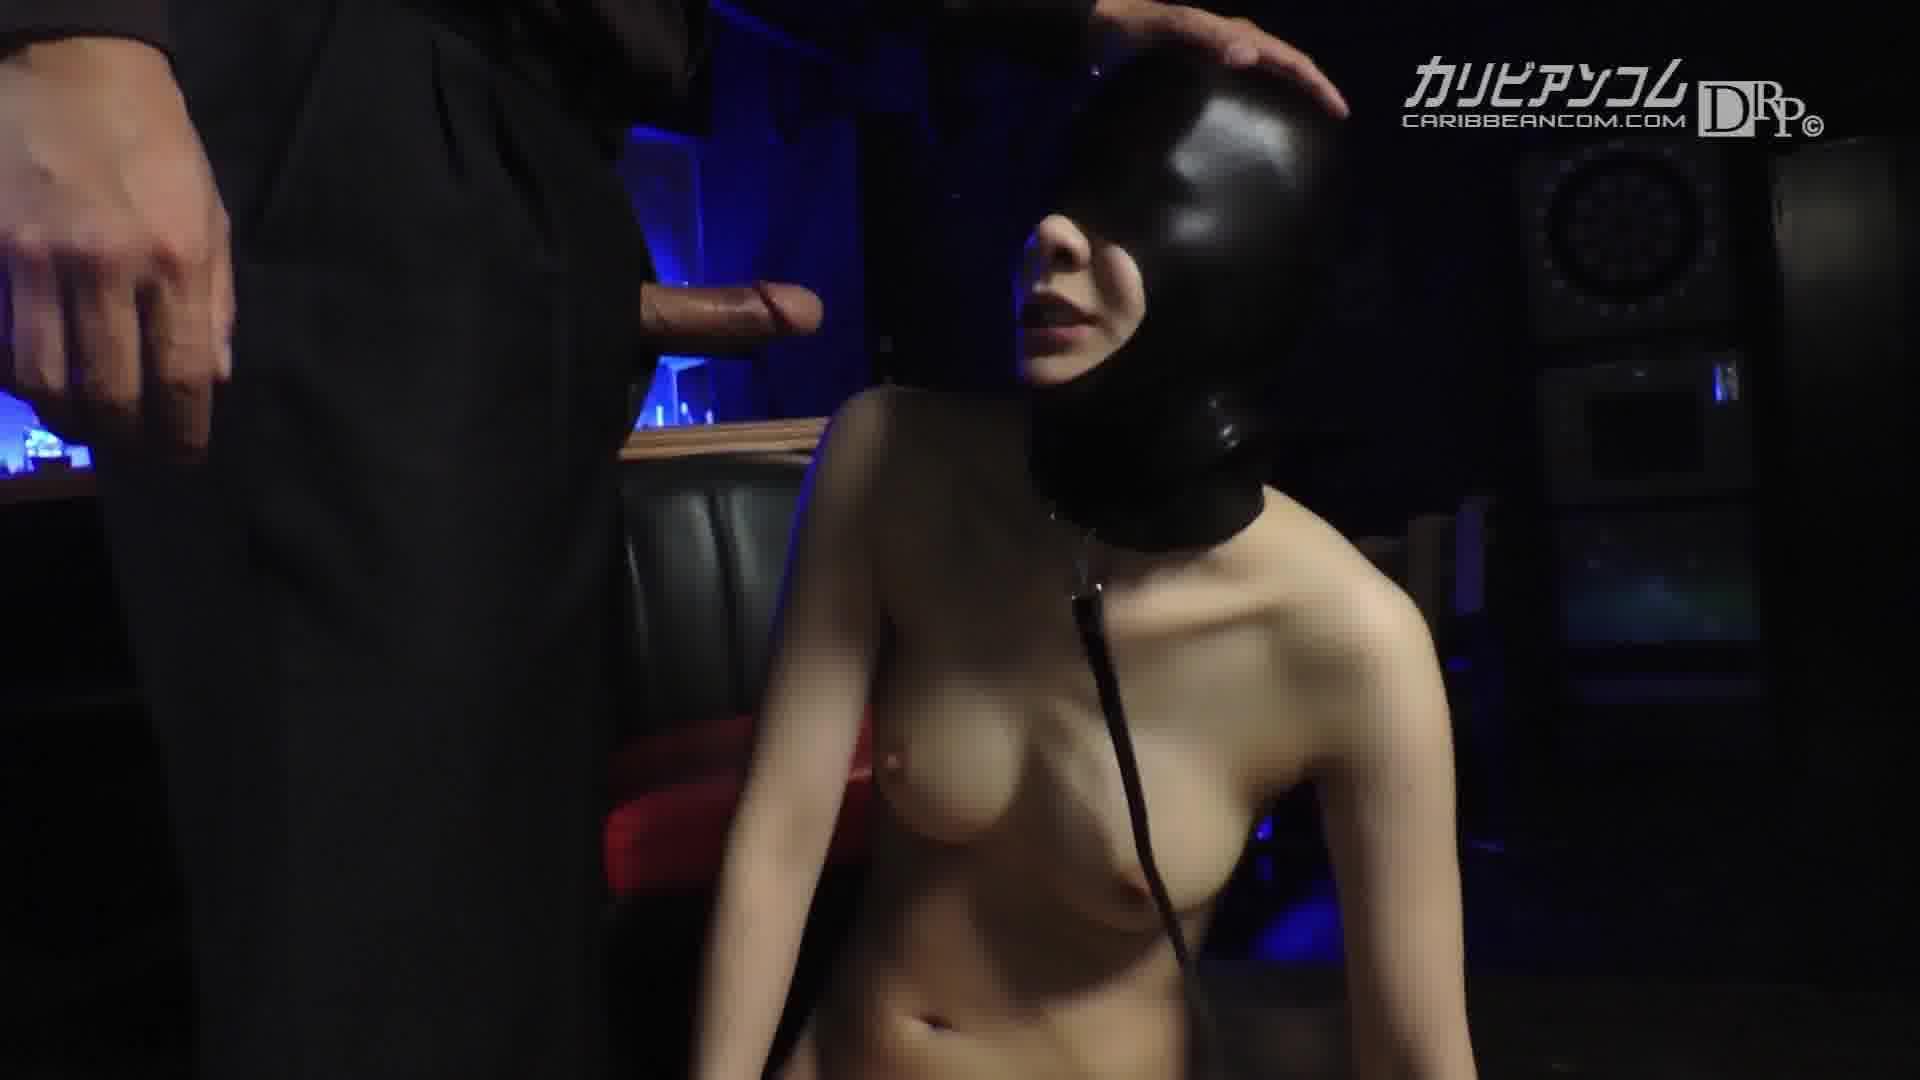 性欲処理マゾマスク ~完全に壊れたコンビニ女~ - 性欲処理マゾマスク 05号【コスプレ・ボンテージ・SM】